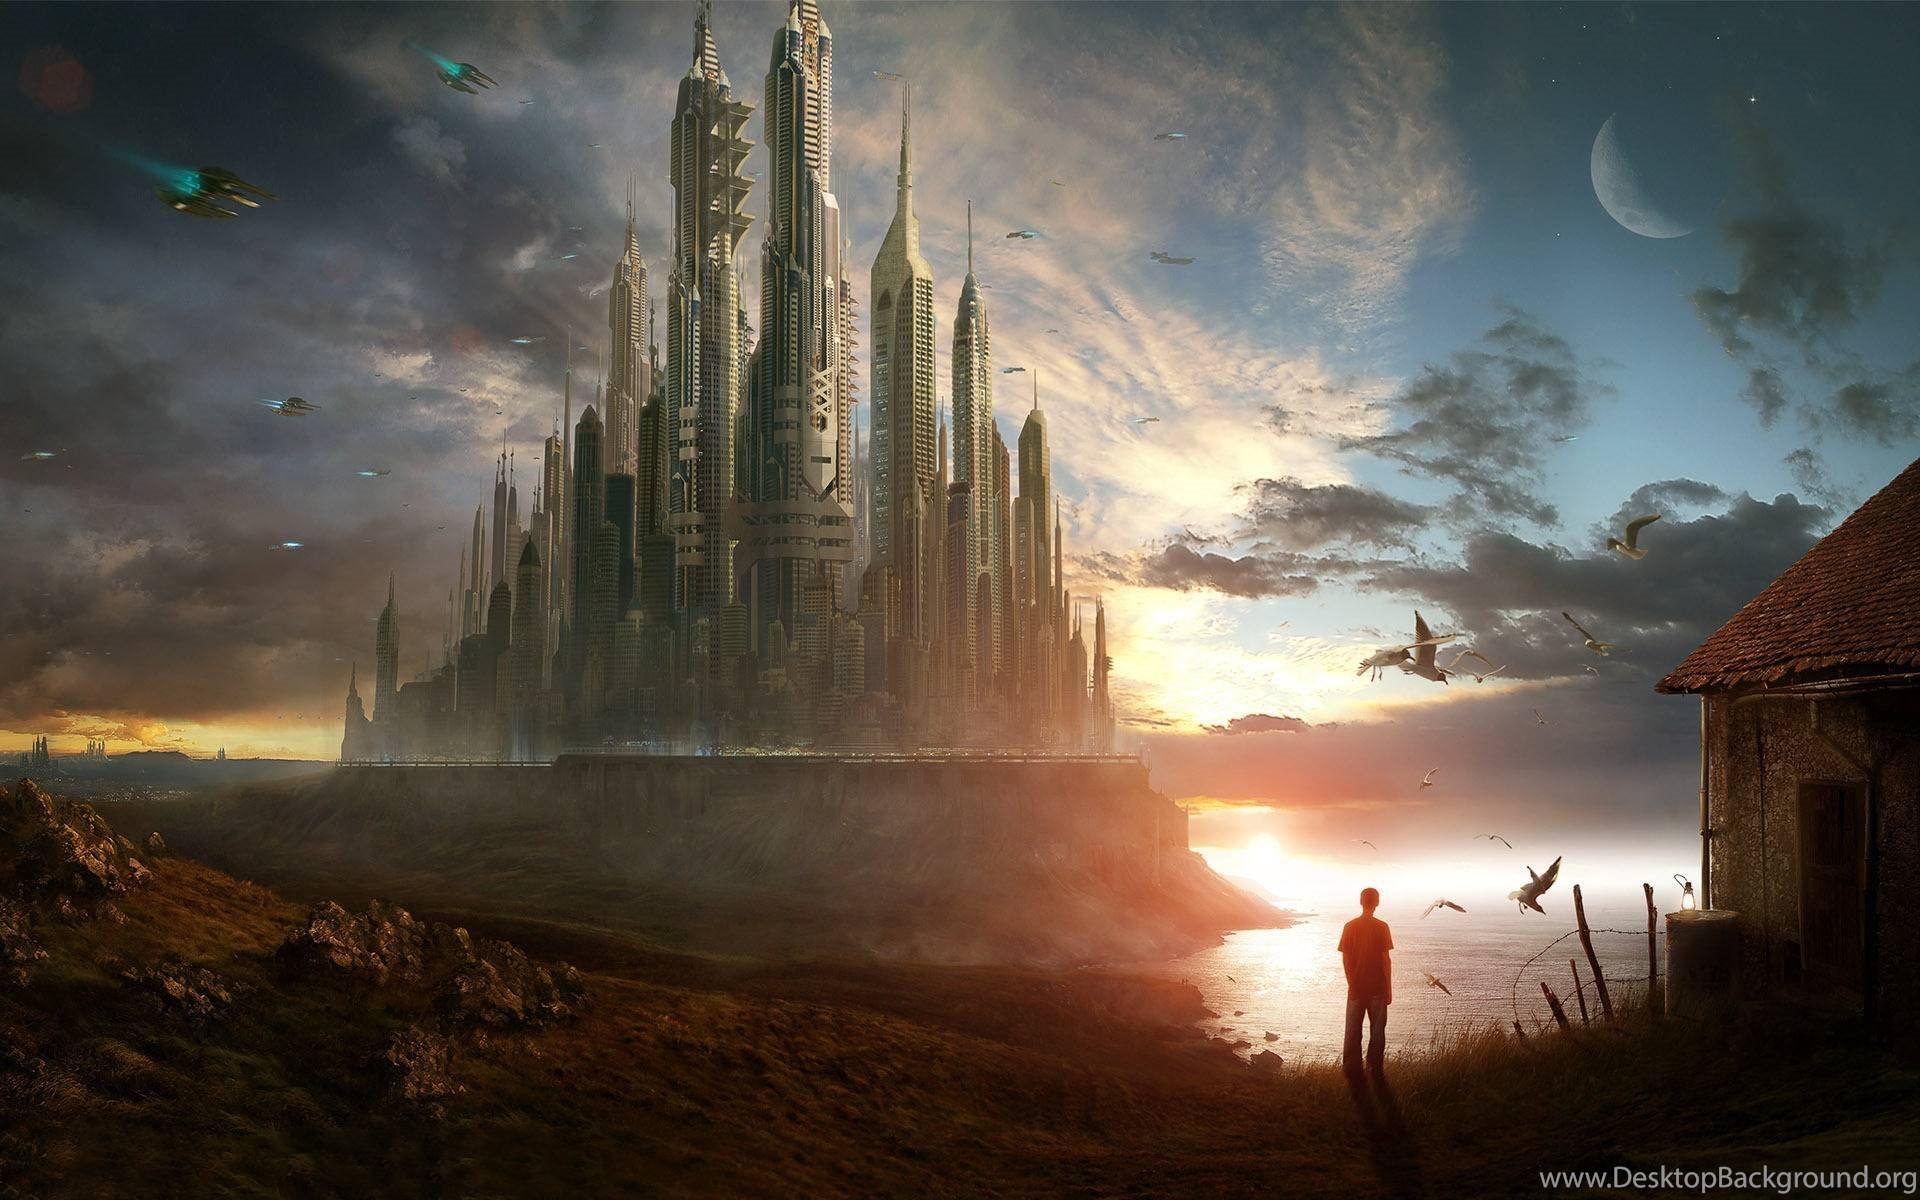 HD Sci Fi Fiction Landscape Wallpapers For Desktop Full Size